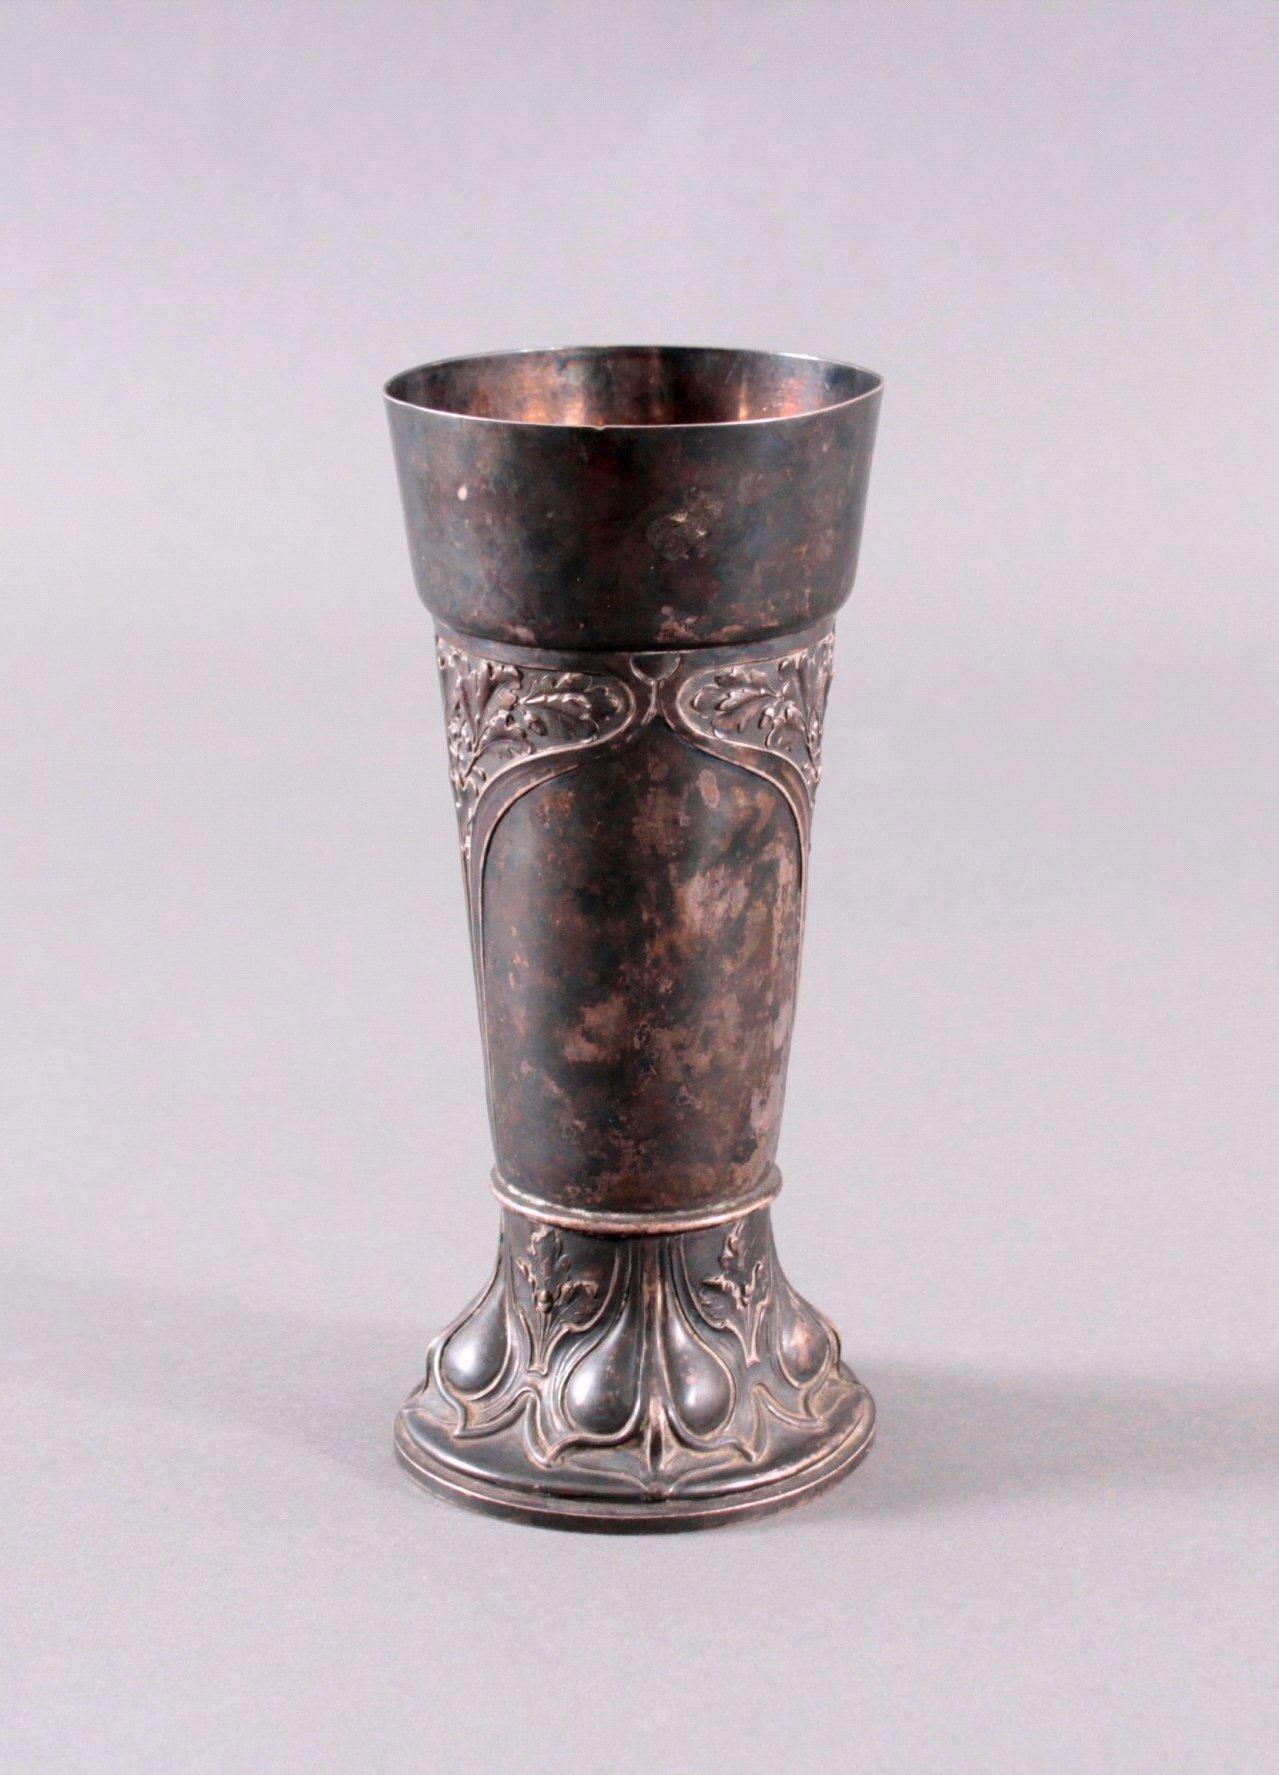 Silberpokal um 1900-1